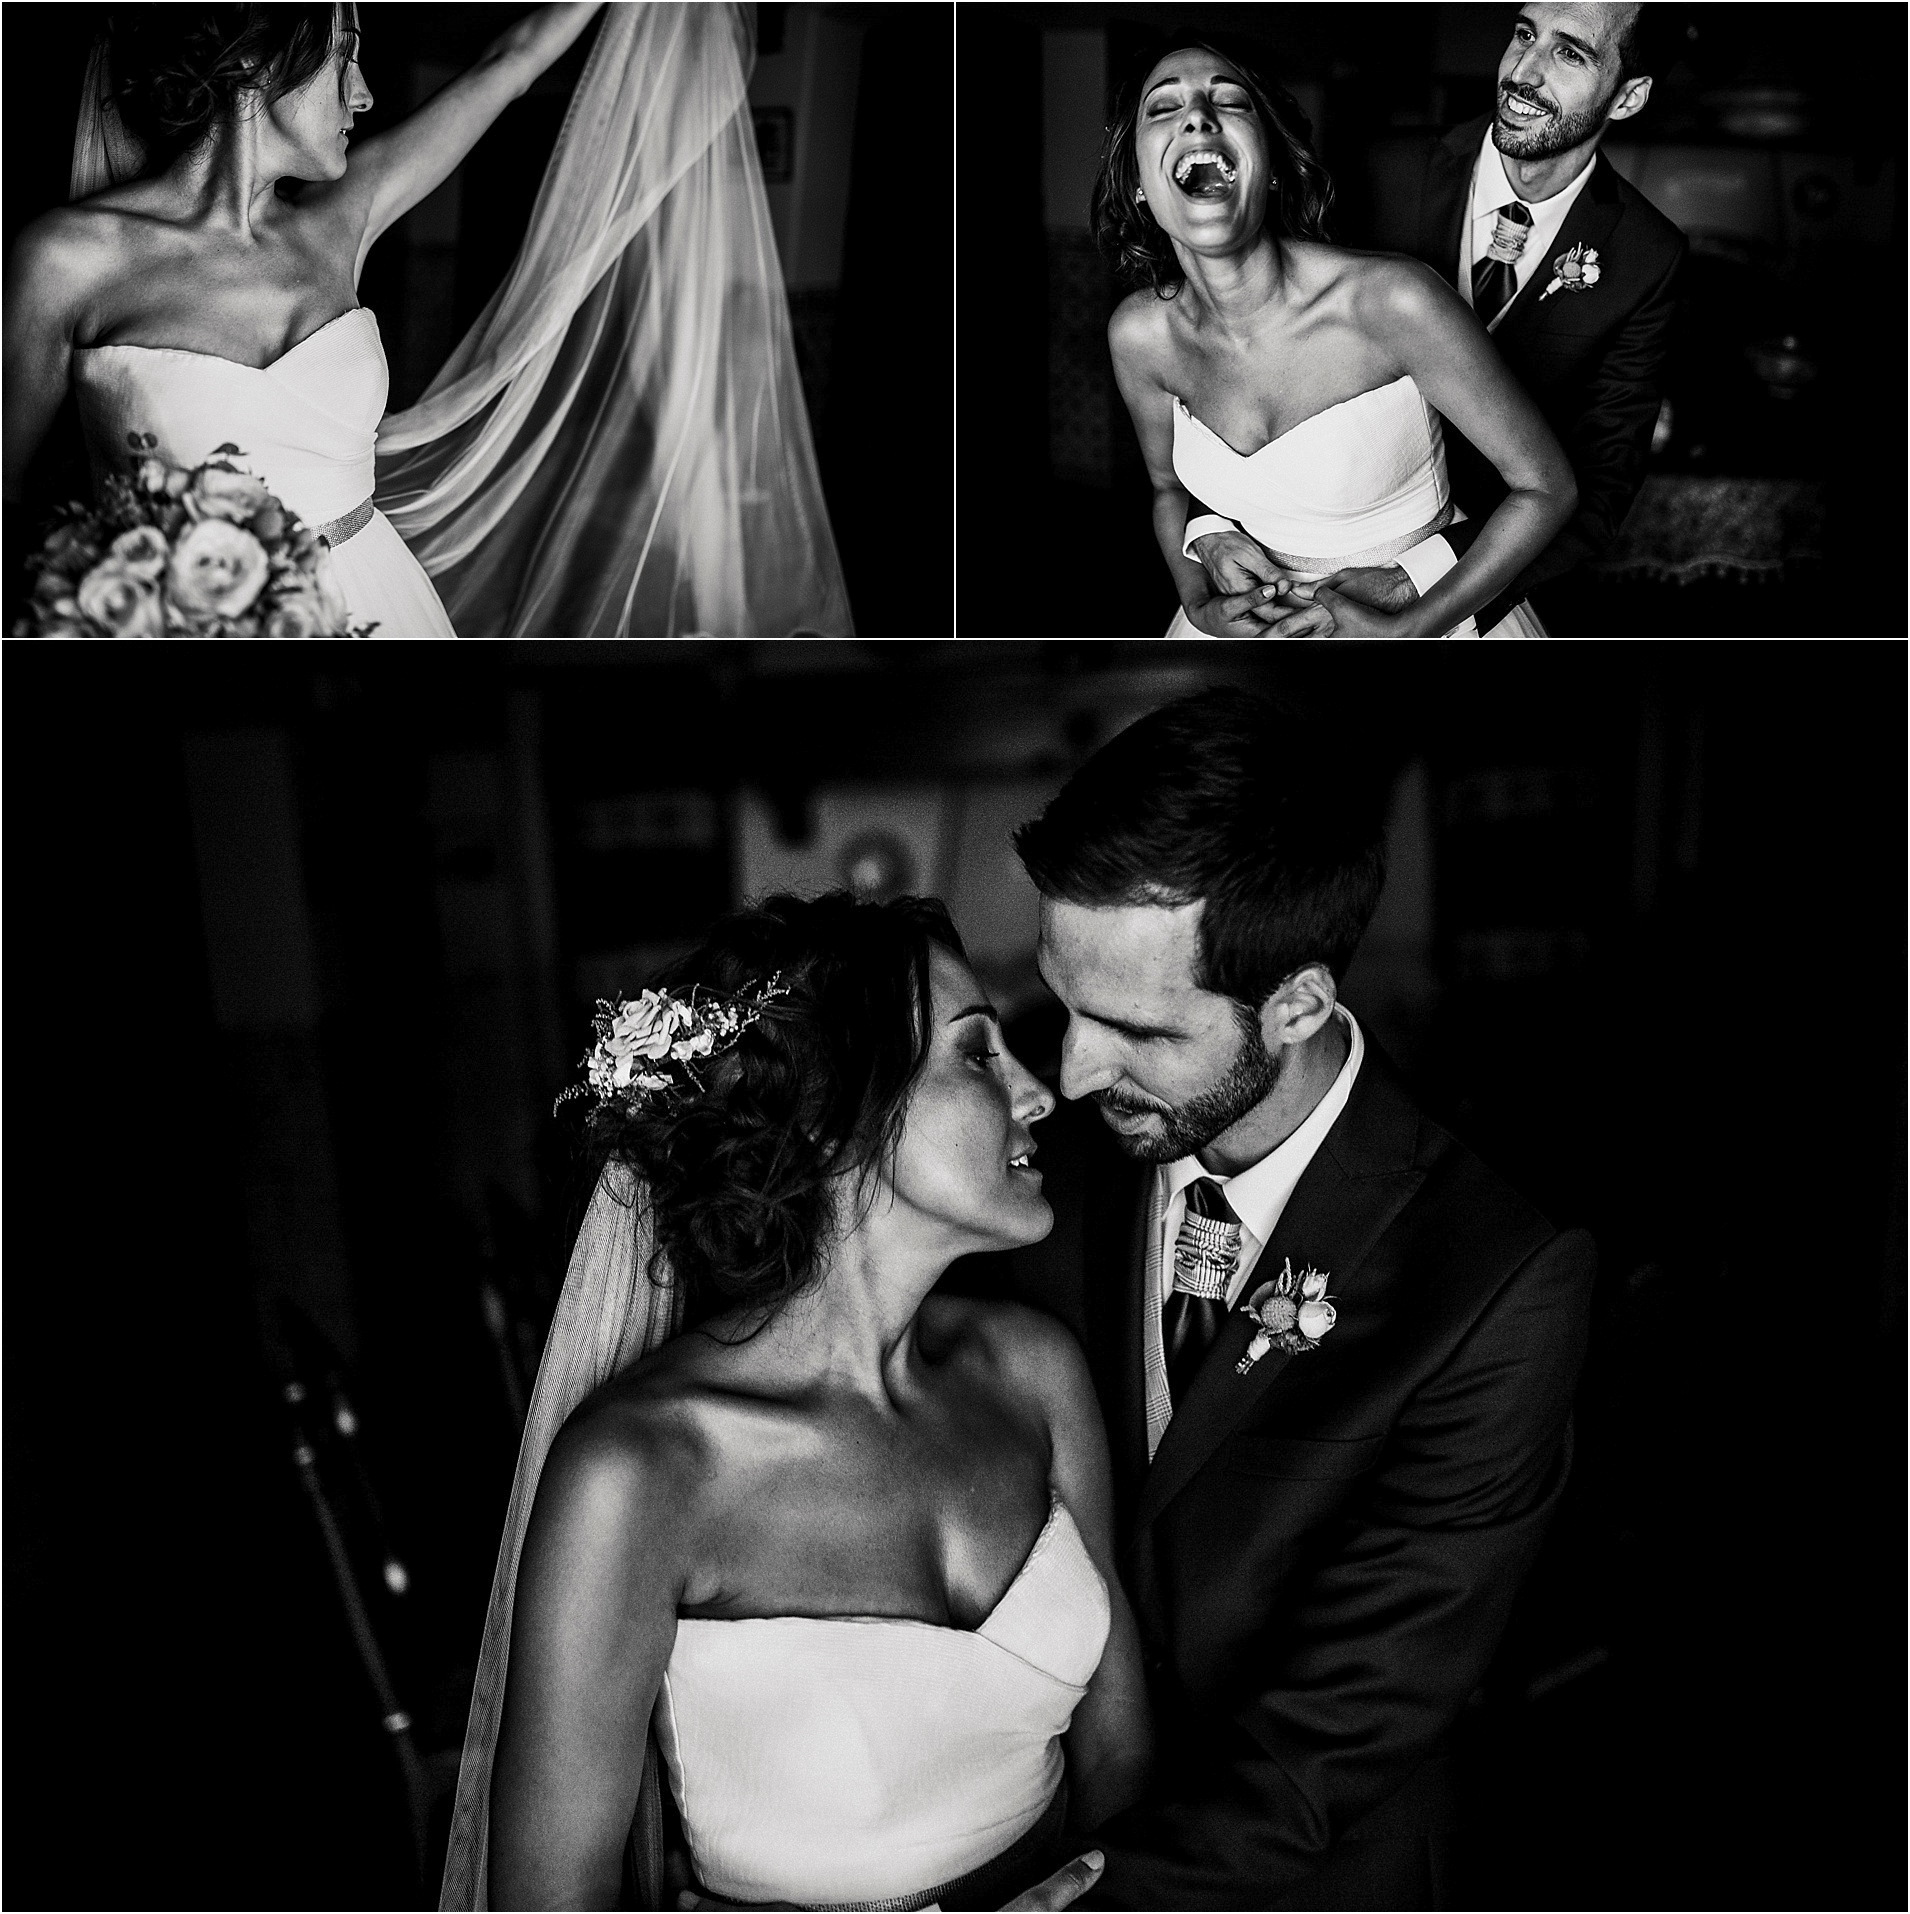 Fotografos-de-boda-donostia-zaragoza-san-sebastian-destination-wedding-photographer-76.jpg